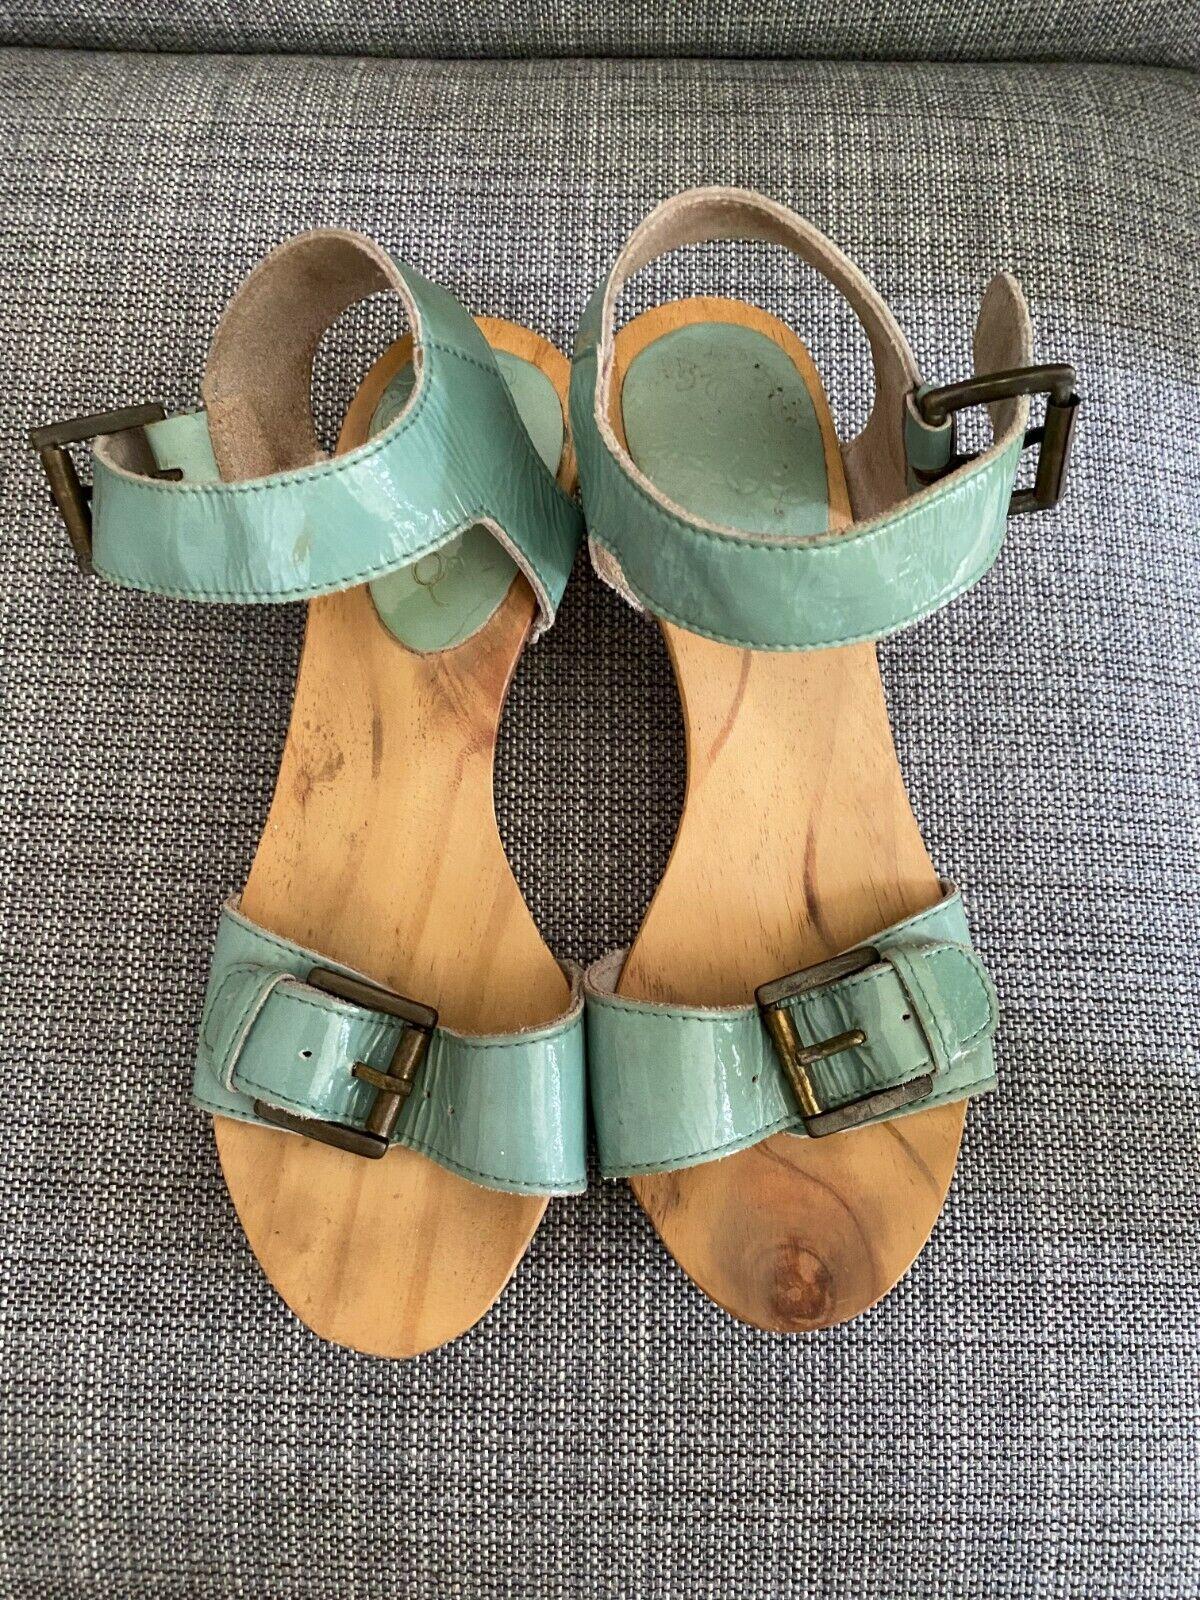 Women's Retro Talon en bois sandales chaussures vernies Bleu Bracelet Boucle EUR taille 37